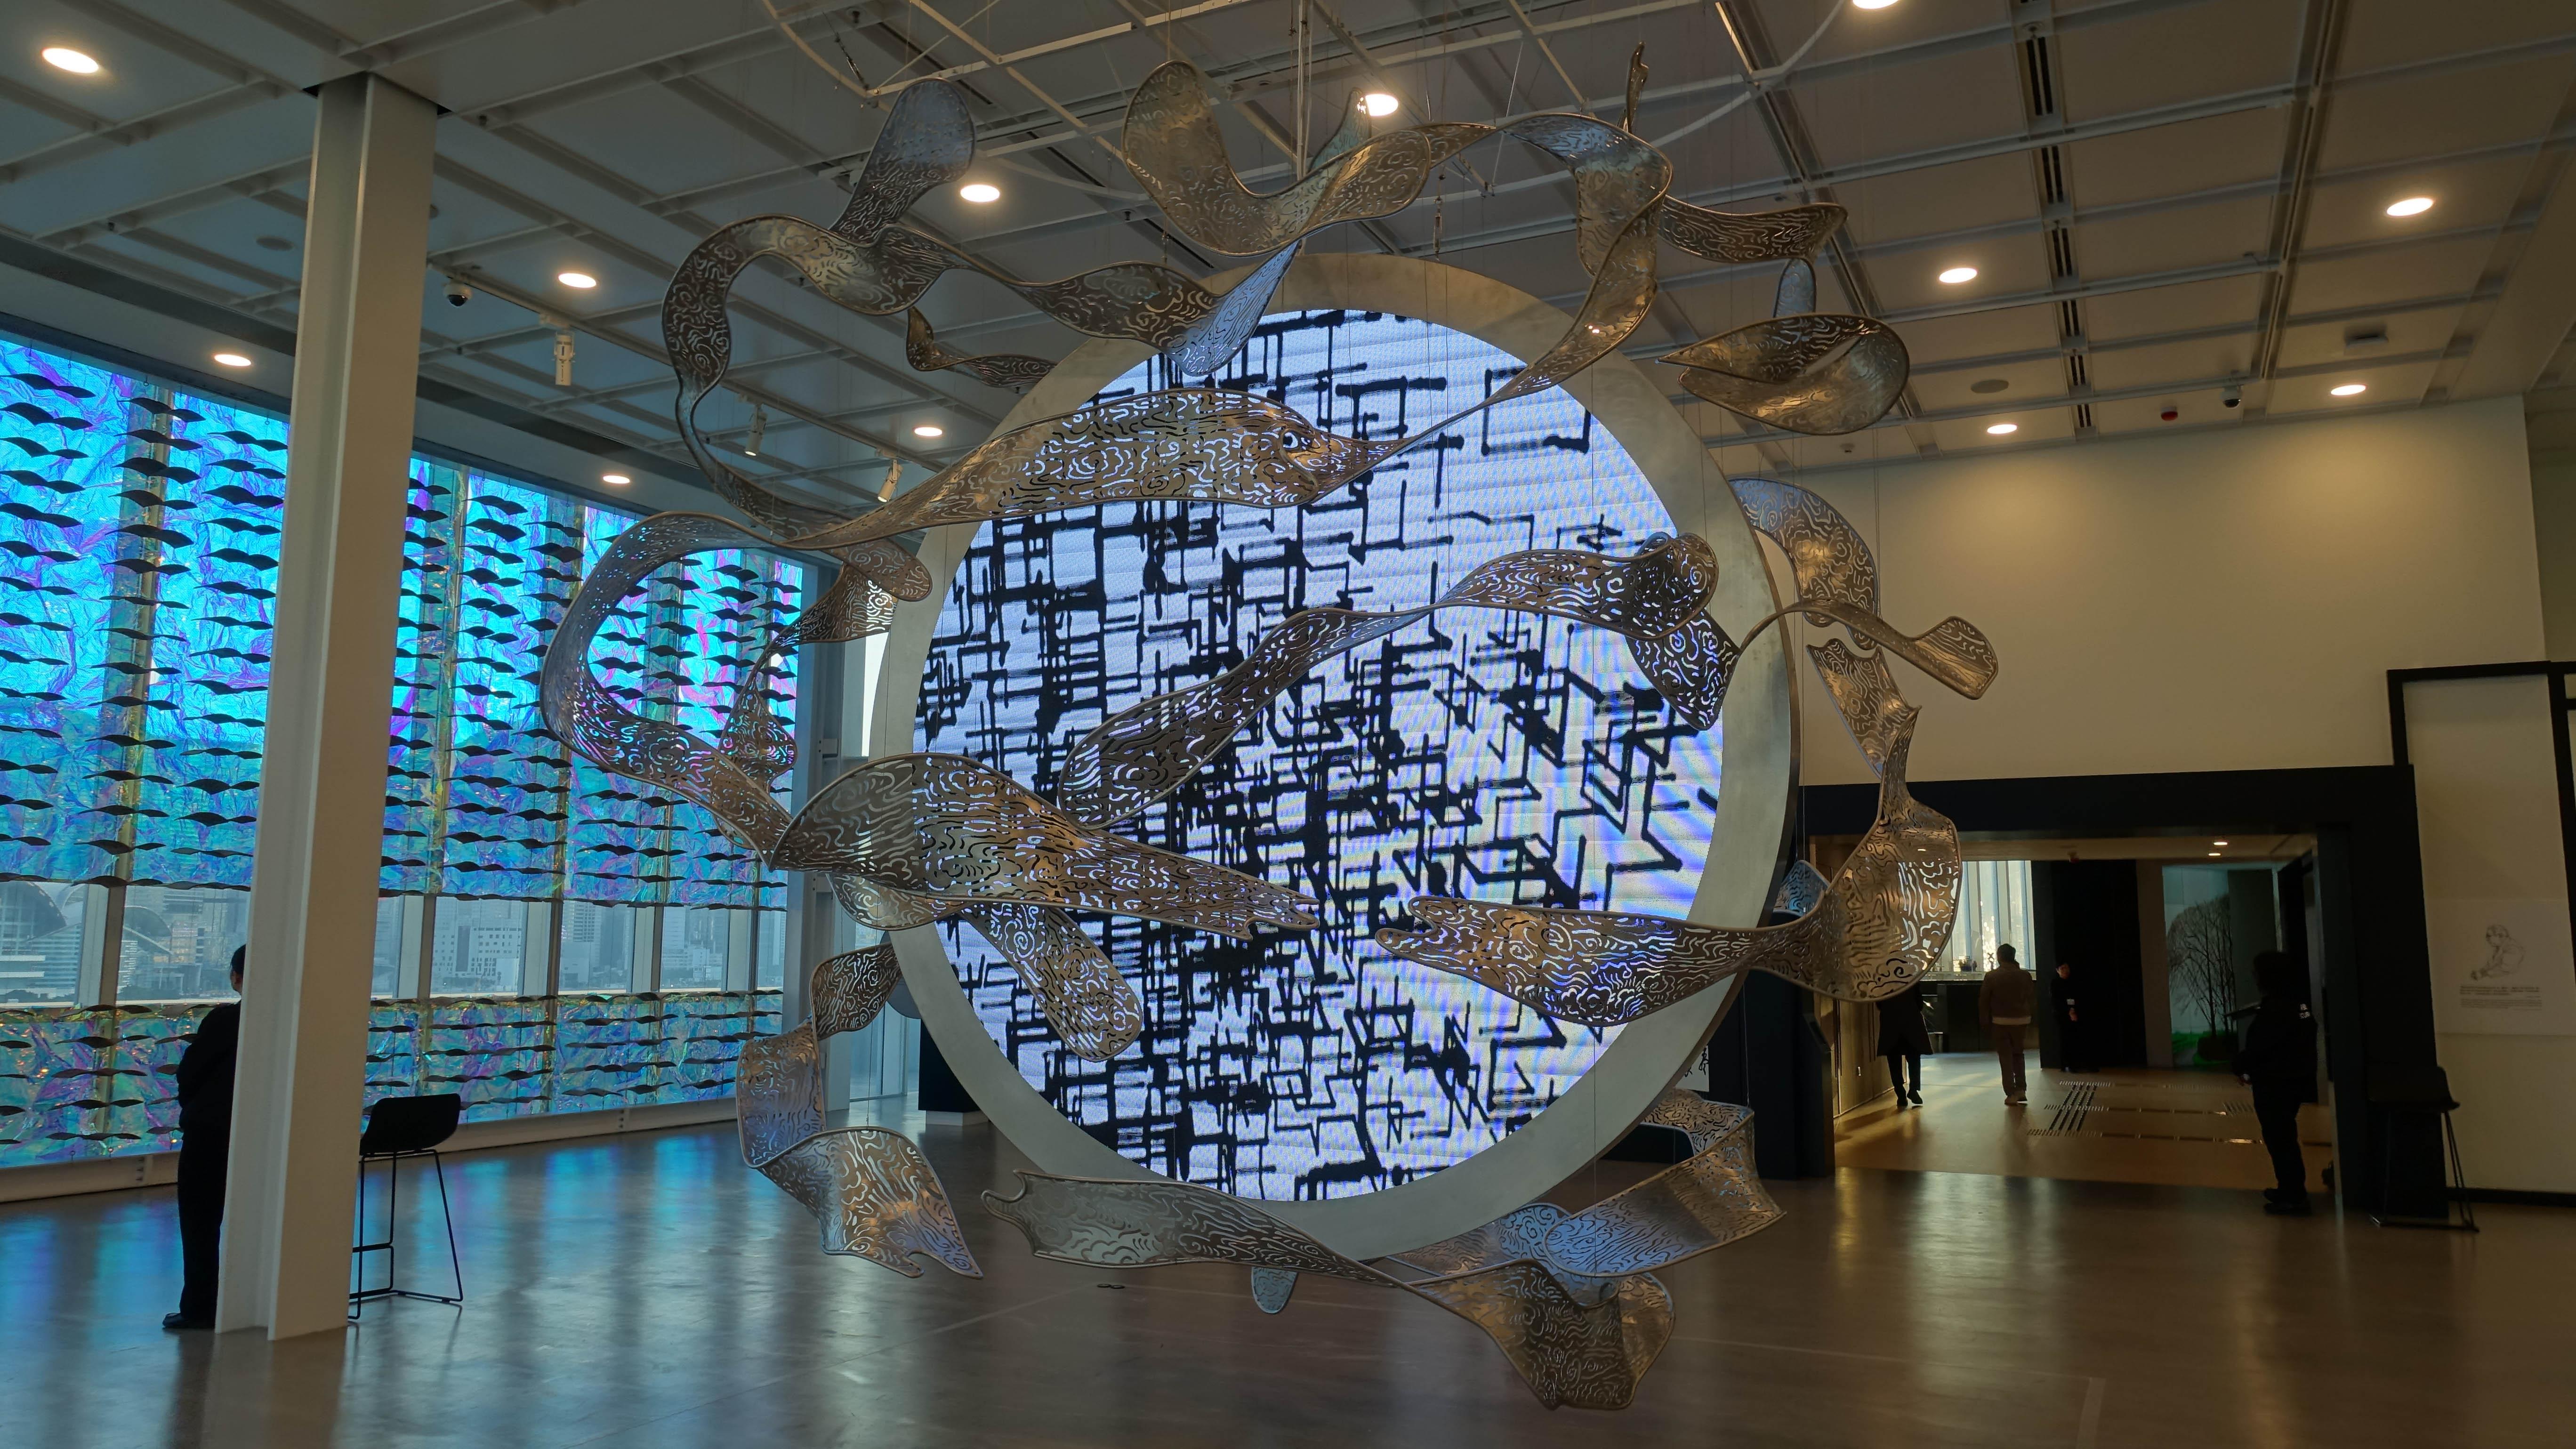 香港藝術館11月30日重開(拍攝及剪接:何芍盈)